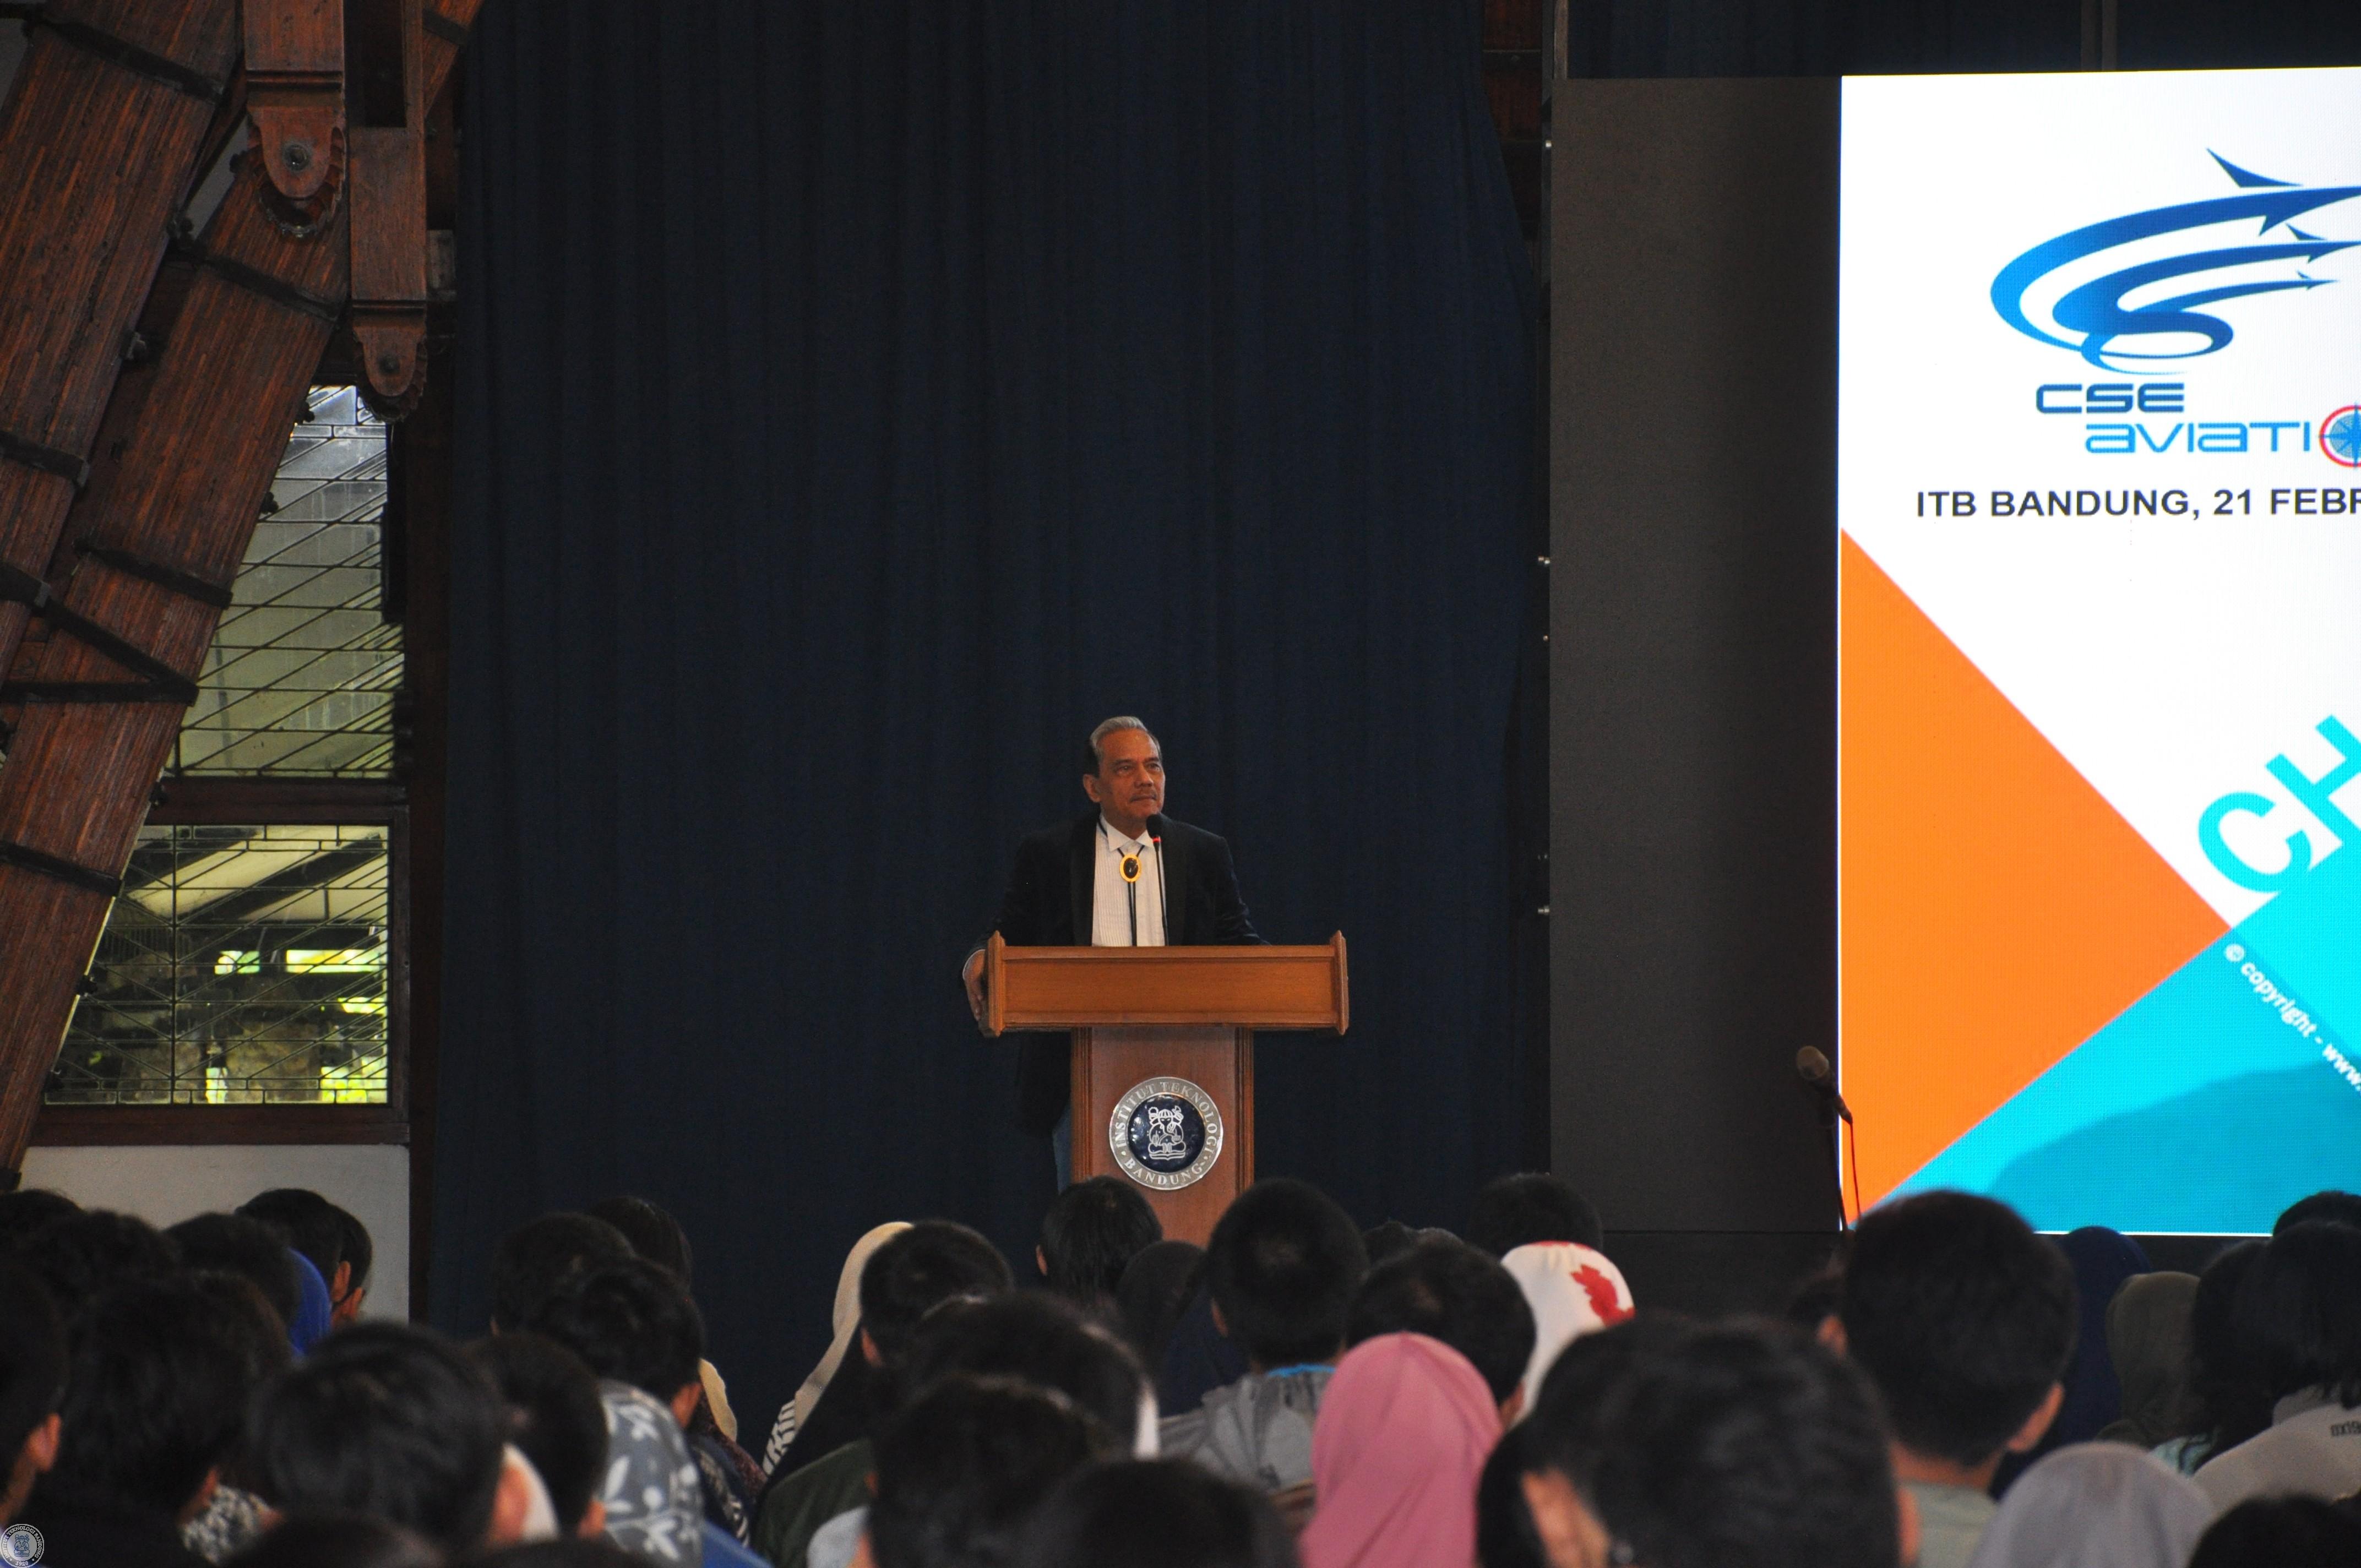 Marsekal TNI (Purn) Chappy Hakim: Pengelolaan Wilayah Udara itu Penting